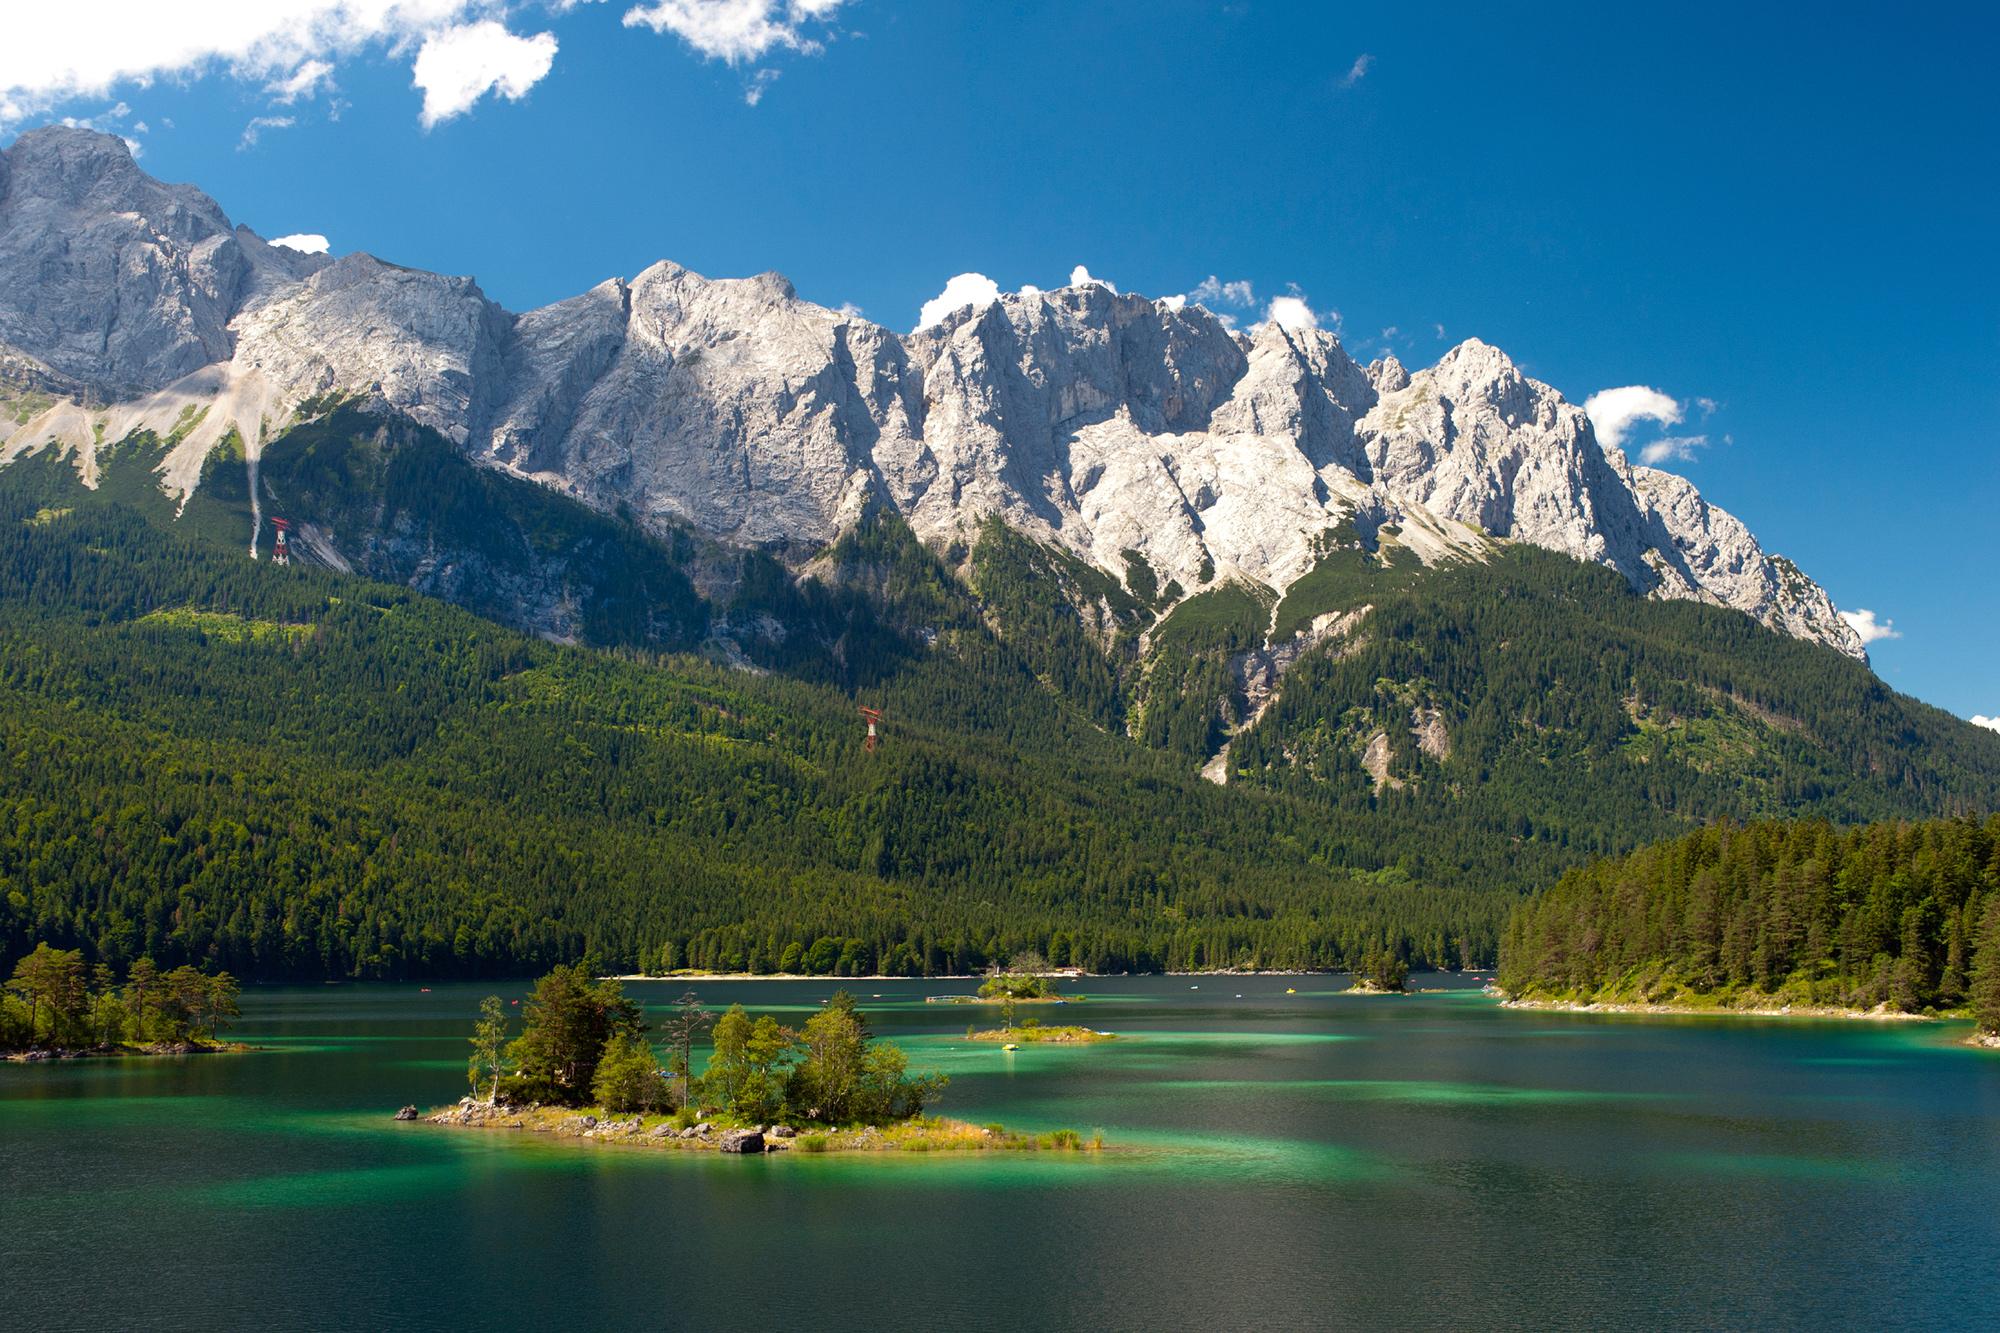 Wochenendurlaub » Günstige Wochenendreisen buchen auf TUI.com